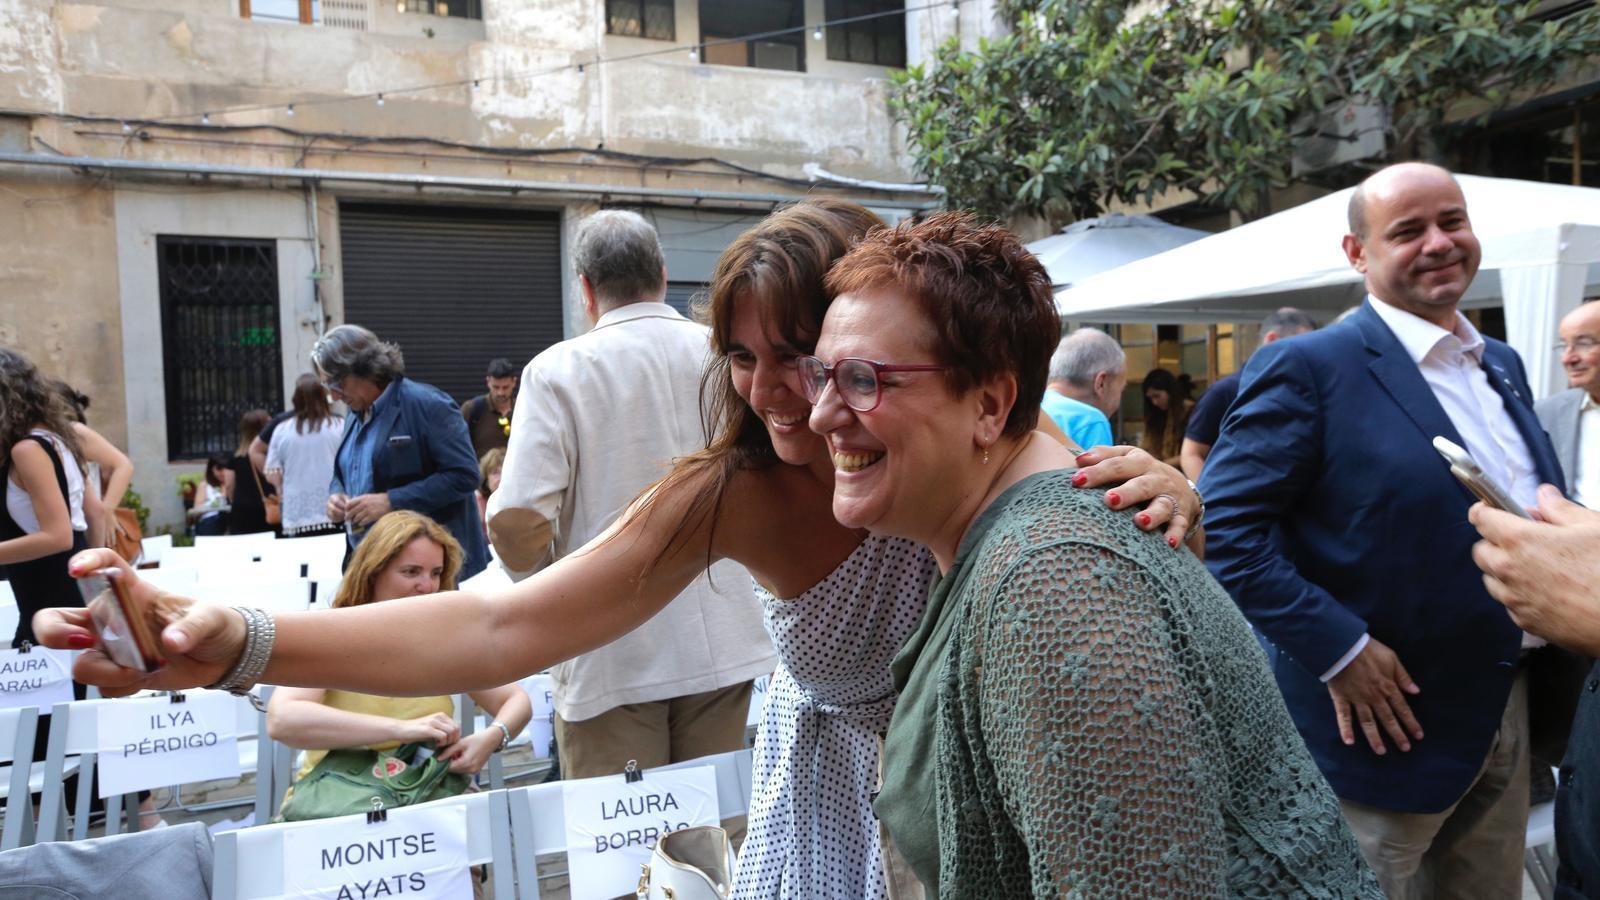 La consellera Laura Borràs i la comissària de l'Any Pedrolo, Anna M. Villalonga, a l'editorial Comanegra.